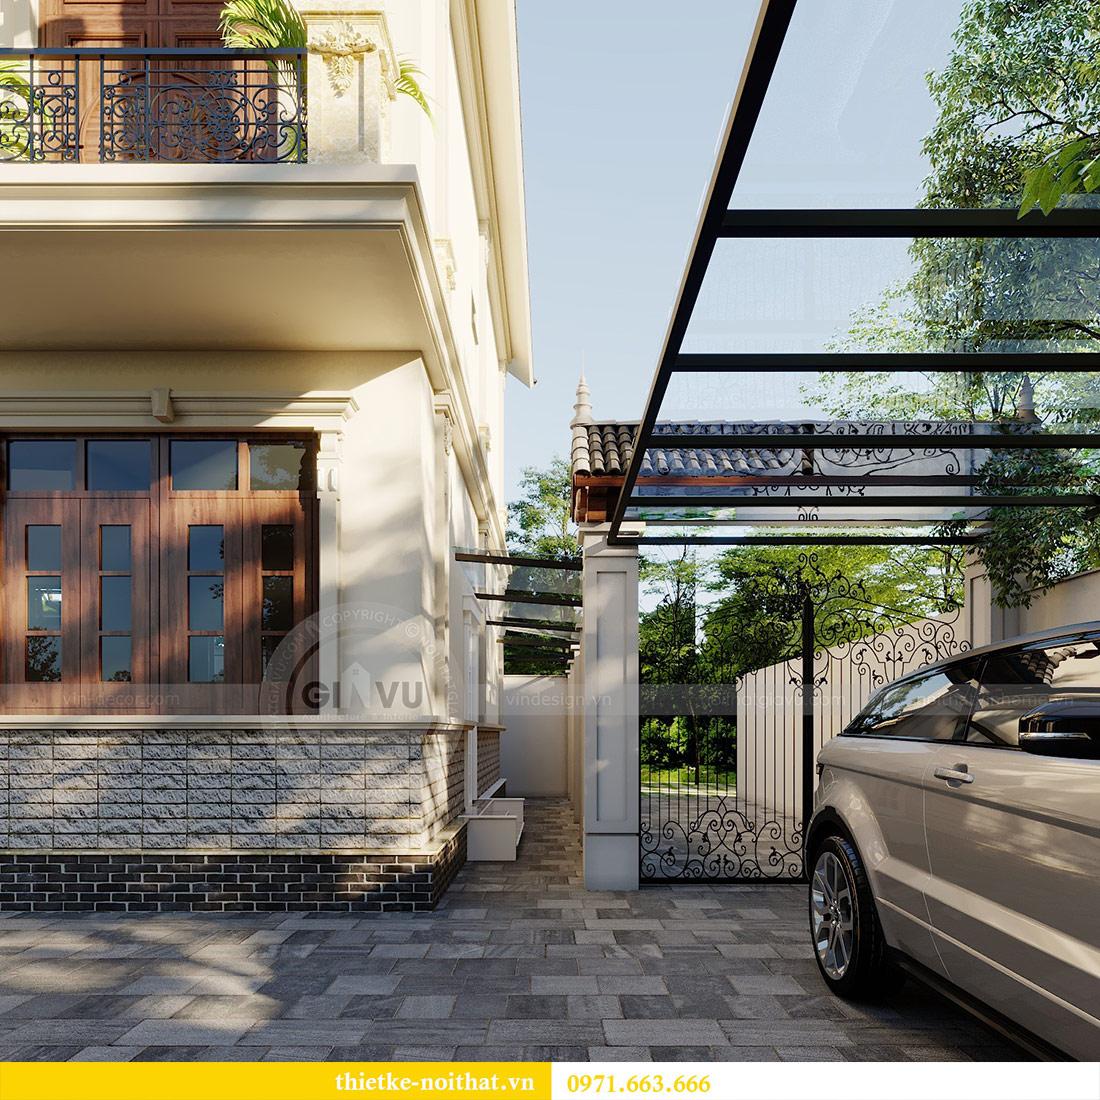 Thiết kế kiến trúc biệt thự An Dương Tây Hồ nhà chú Đức 4